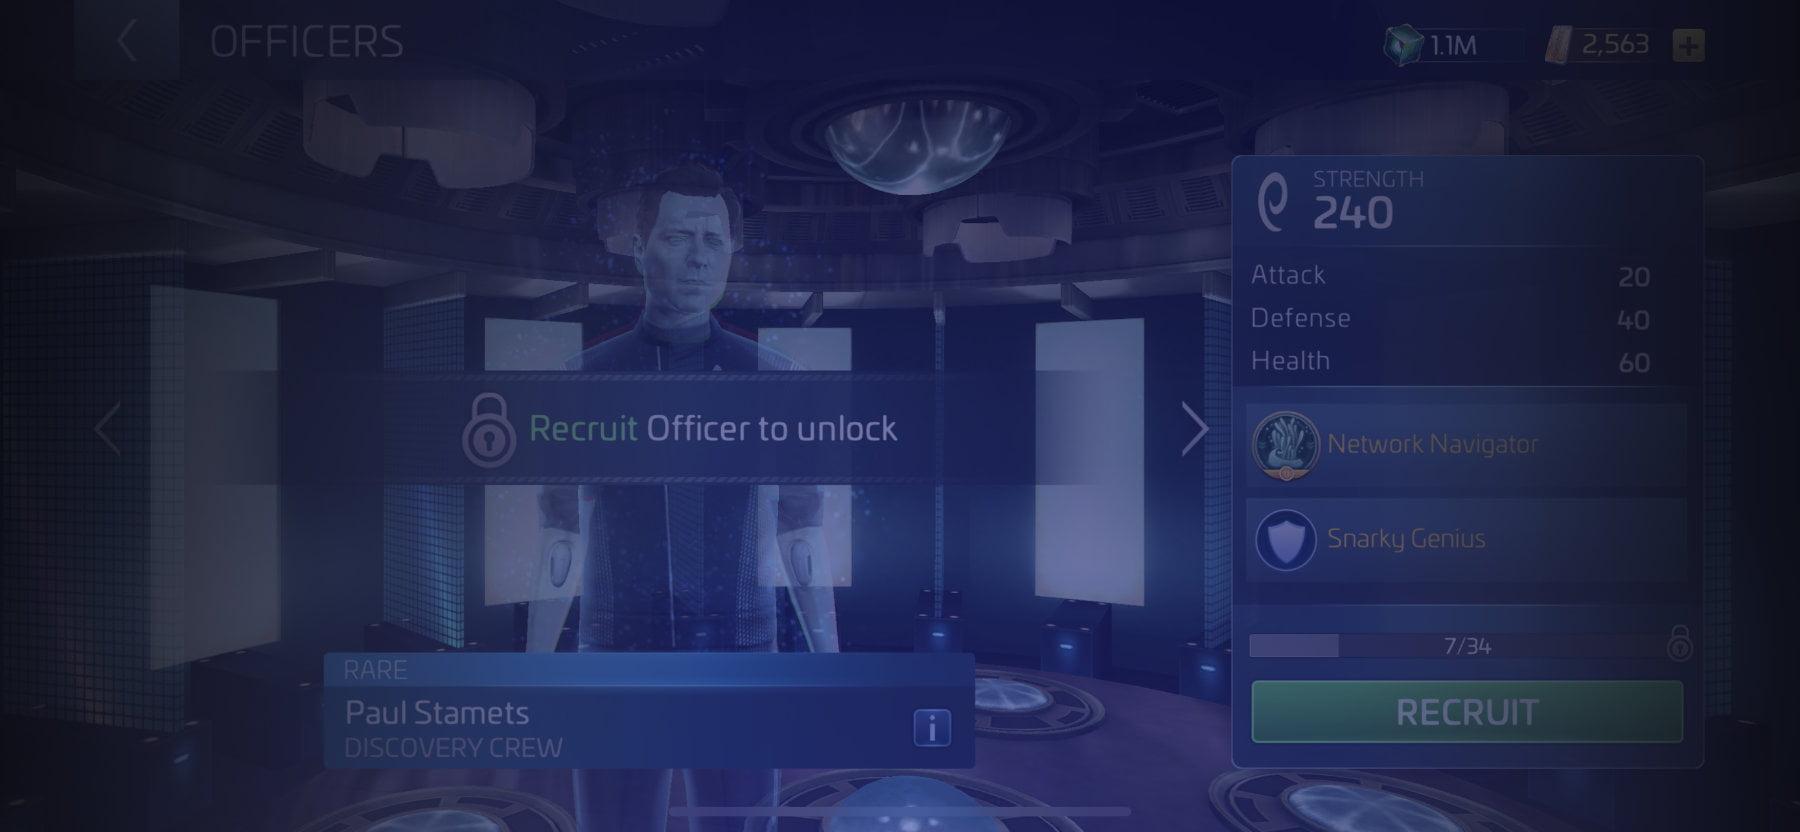 Officer Paul Stamets